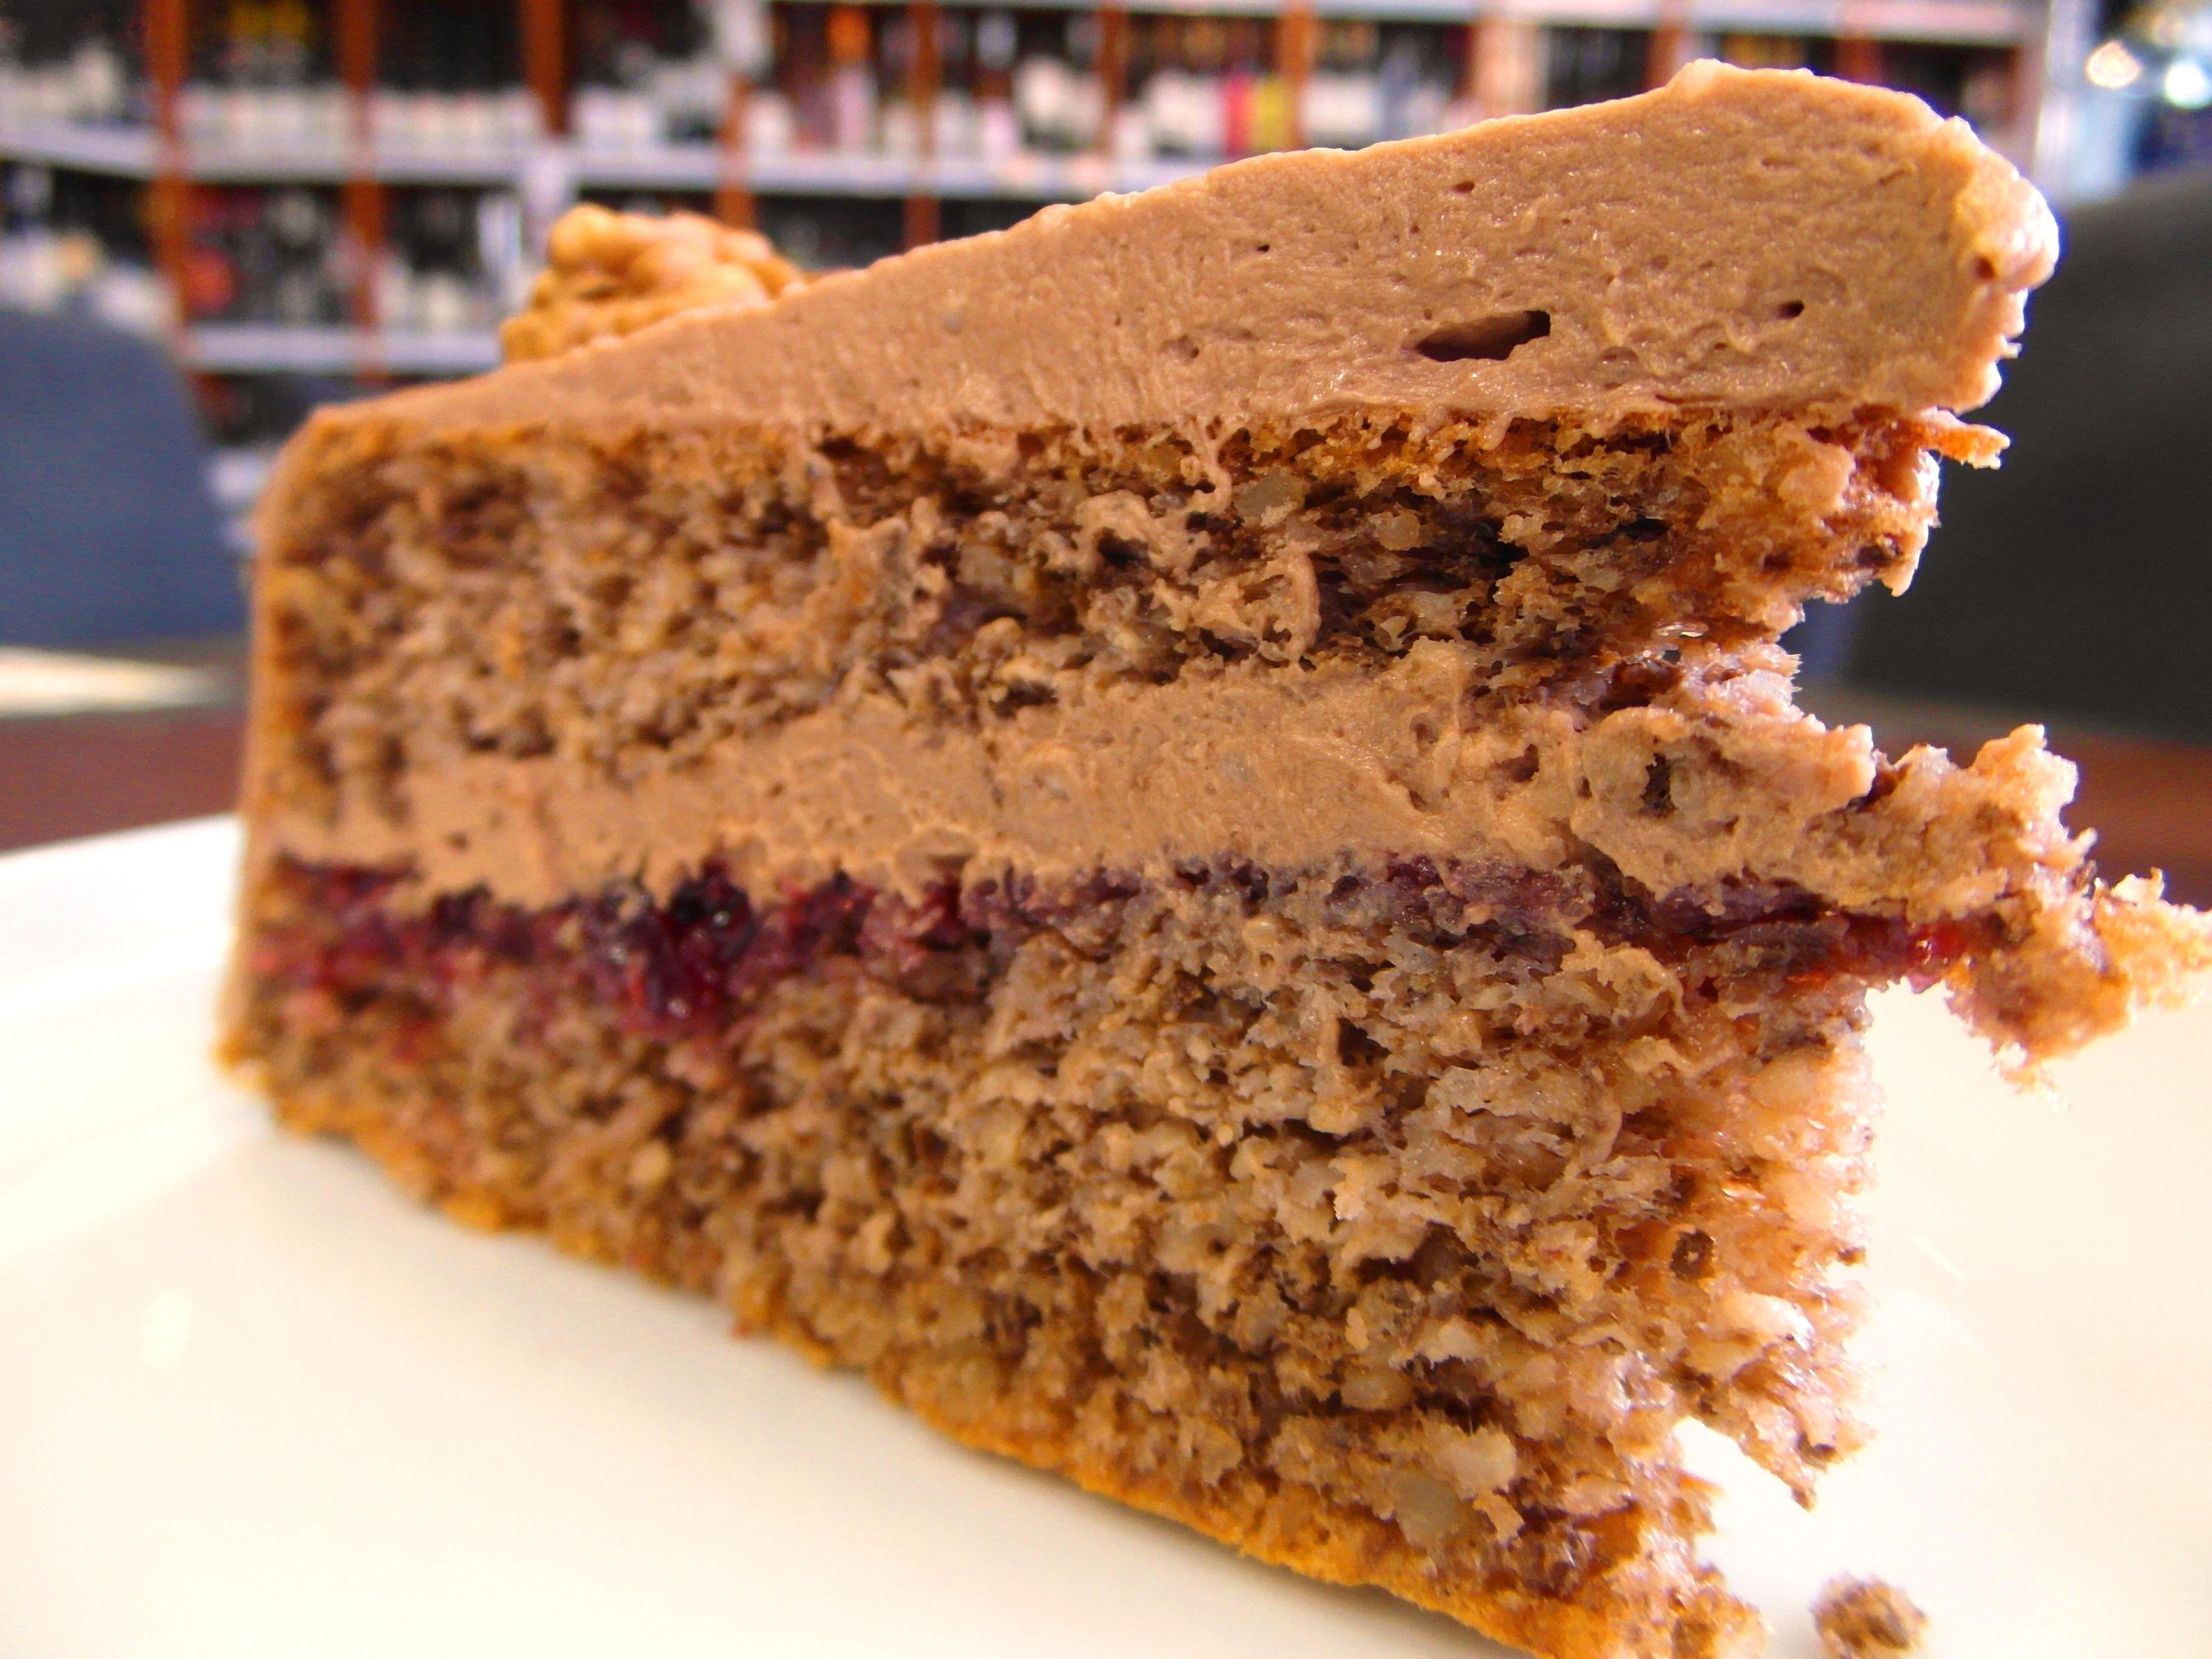 Orechová torta s čokoládovým krémom a džemom - s kávou neopakovateľná ... www.inmedio.sk  #kaviaren #torta #cake #cokolada #chocolate #cappuccino #coffee #coffehouse #coffeeshop #kava #deli #delishop #delikatesy #delikatessen